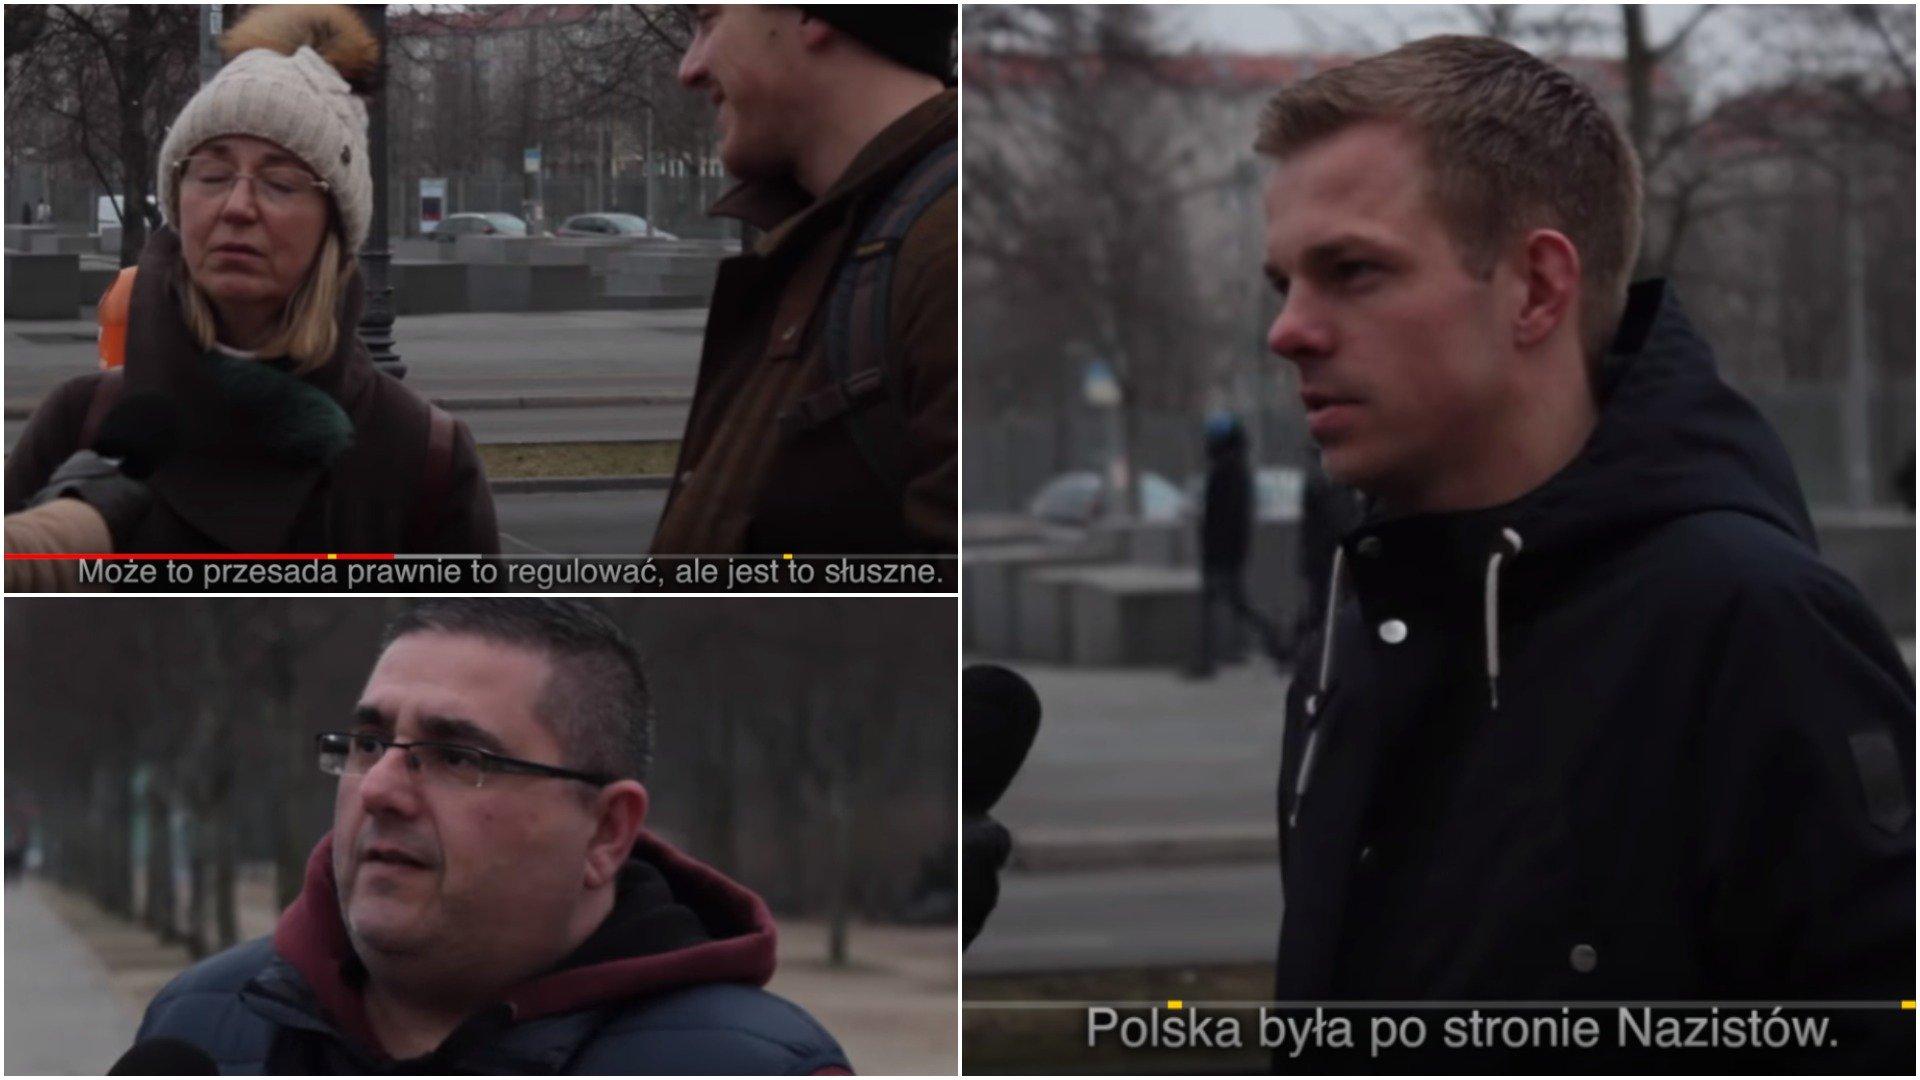 Czy Polska walczyła po stronie nazistów